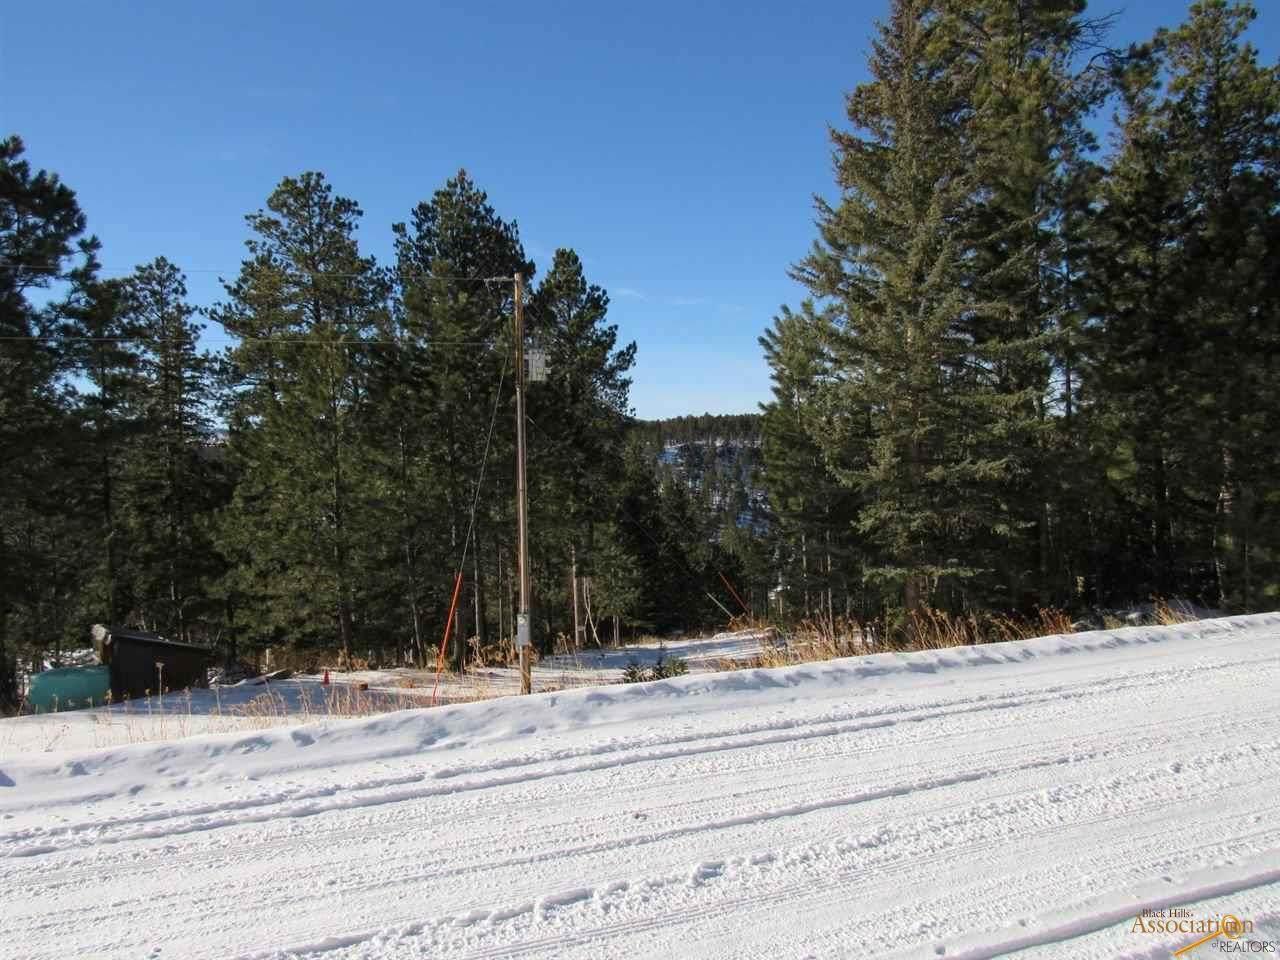 TBD lot 46 Snowcat Lane - Photo 1